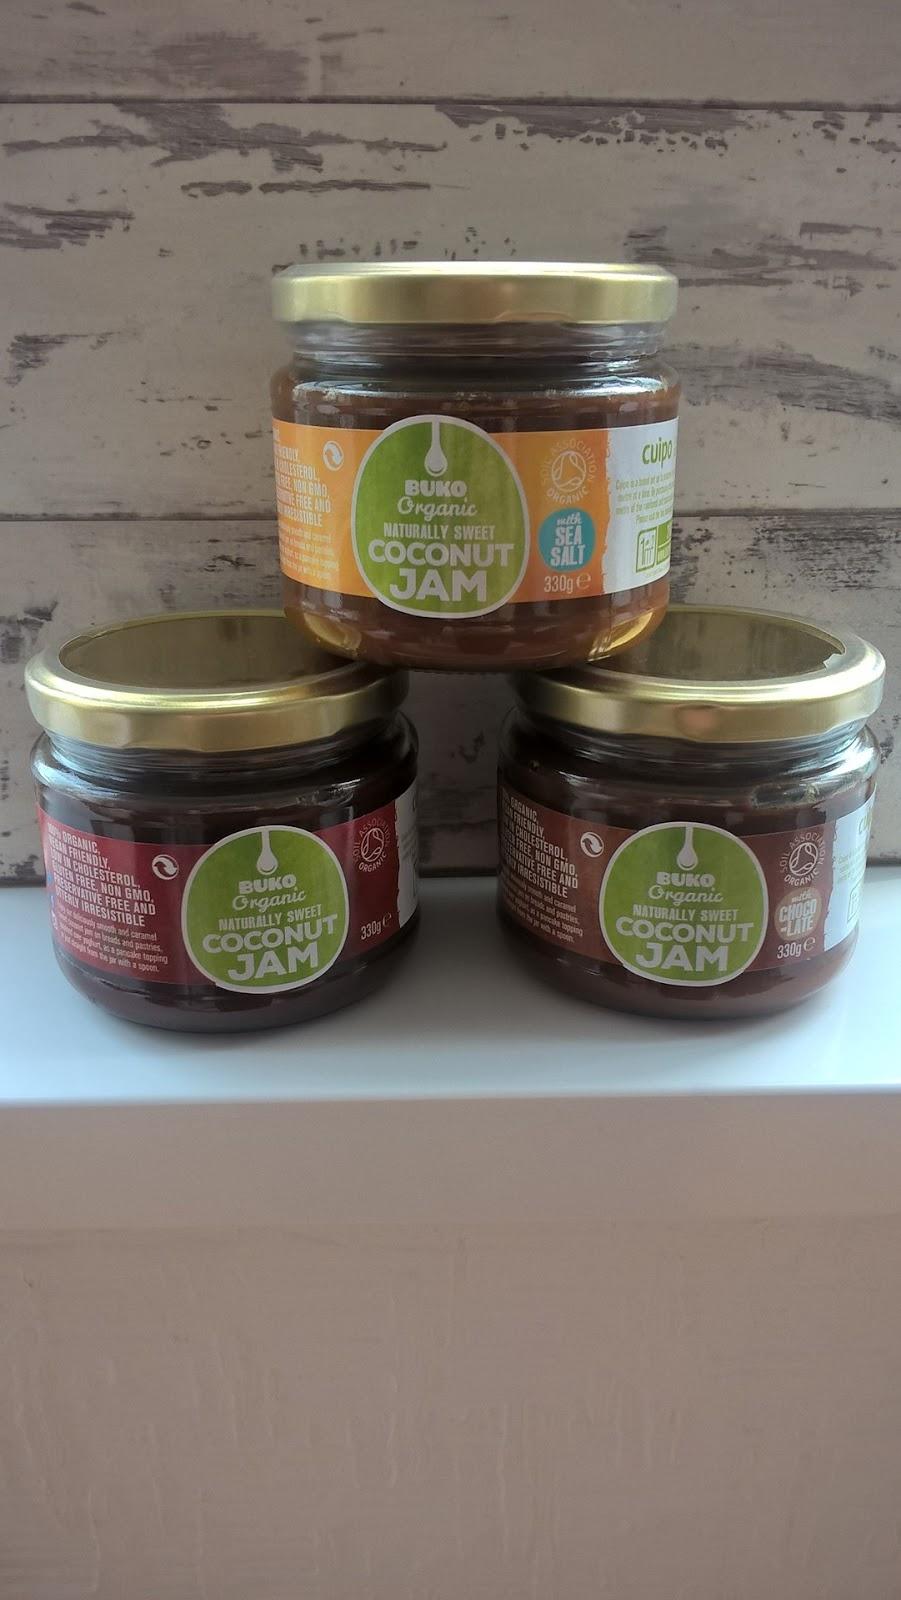 Buko Organic Coconut Jams - motherdistracted.co.uk